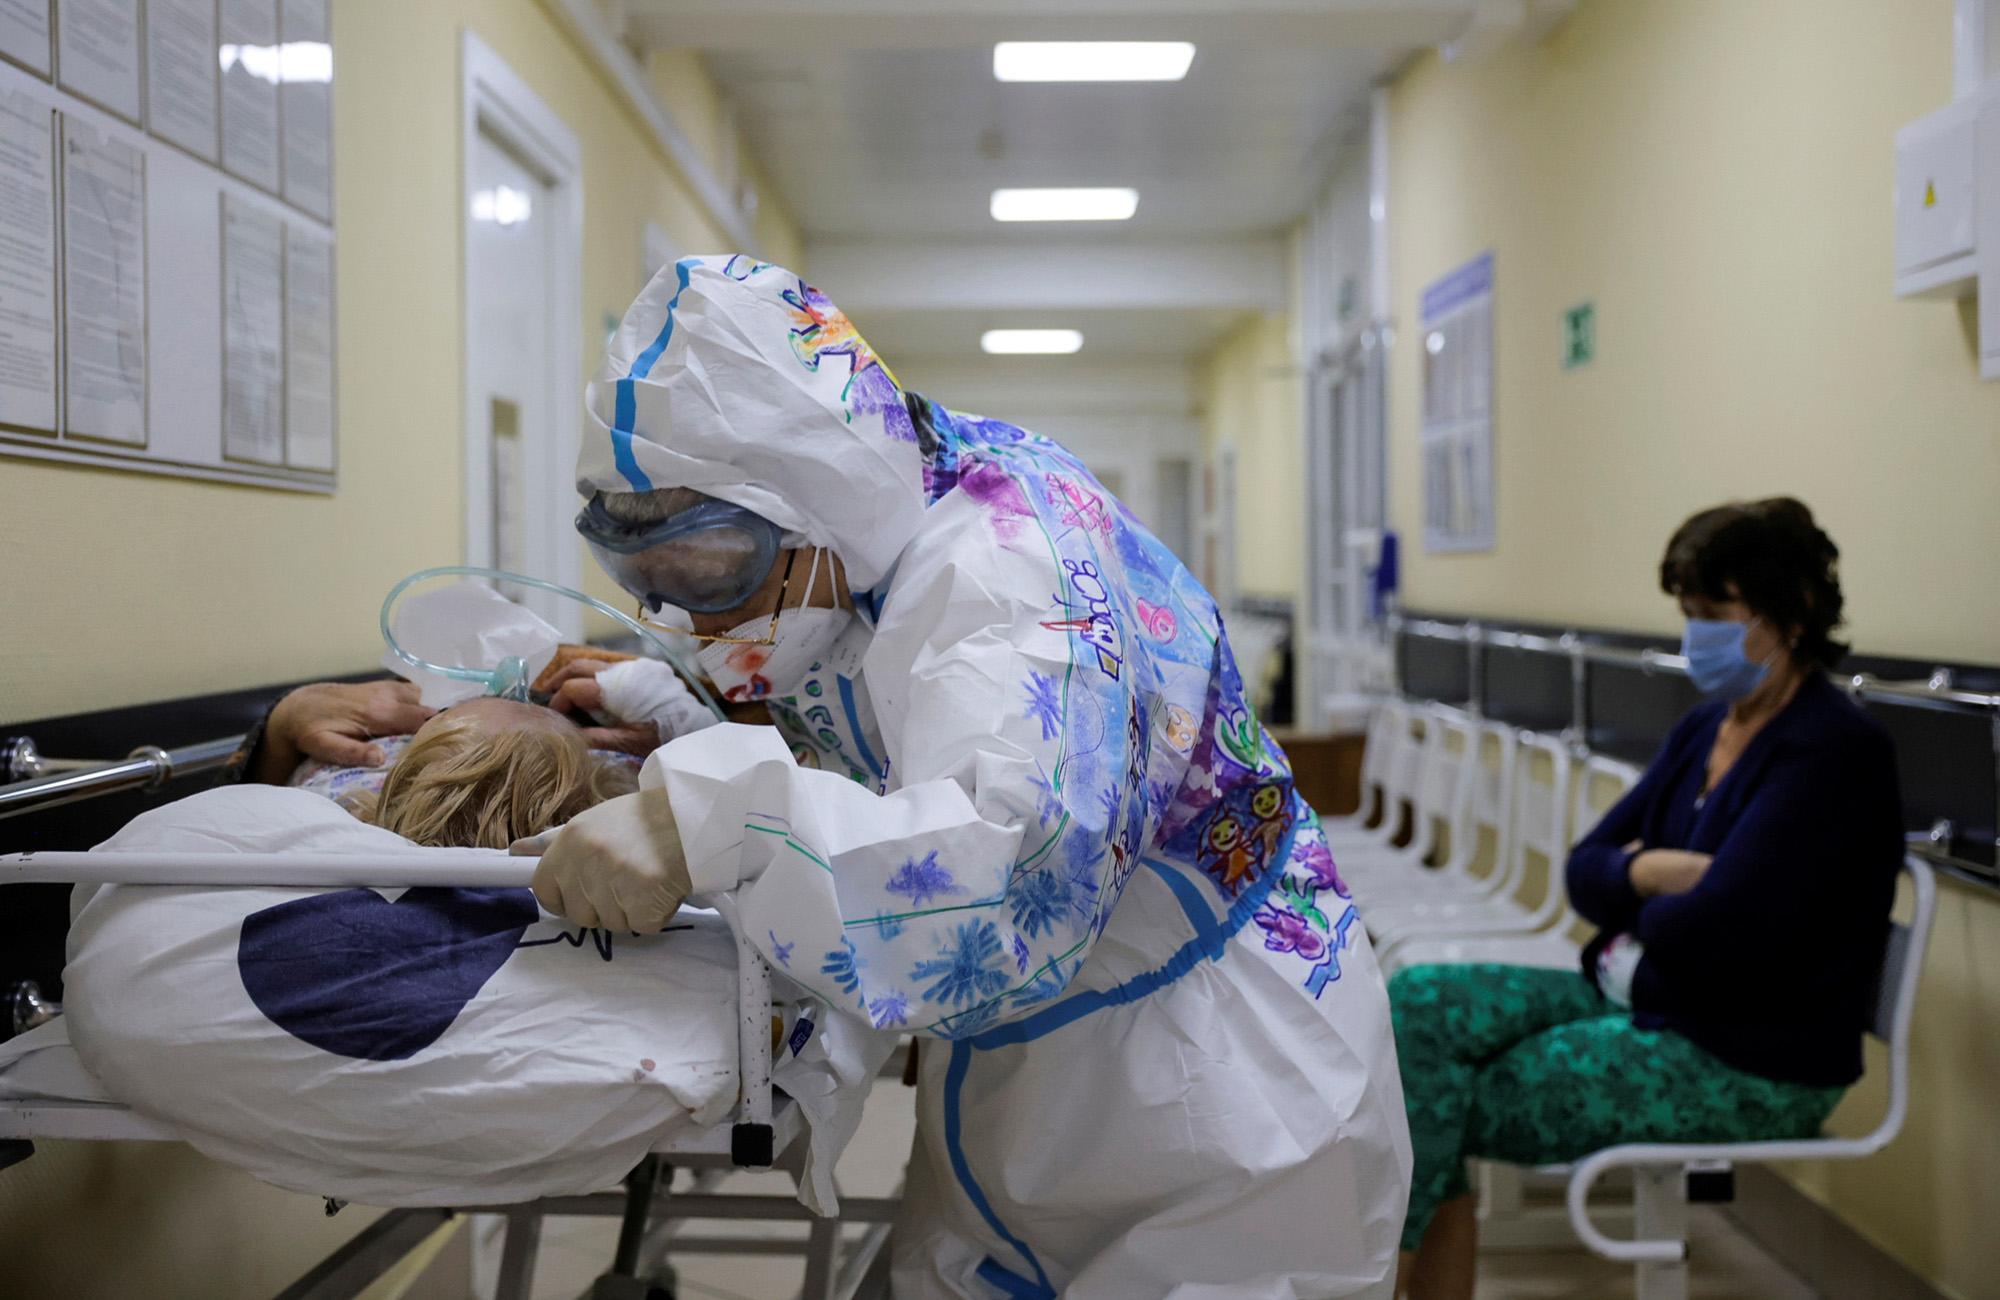 Ρωσία: Πάνω από 19.000 νέα κρούσματα κορονοϊού και 512 νεκροί